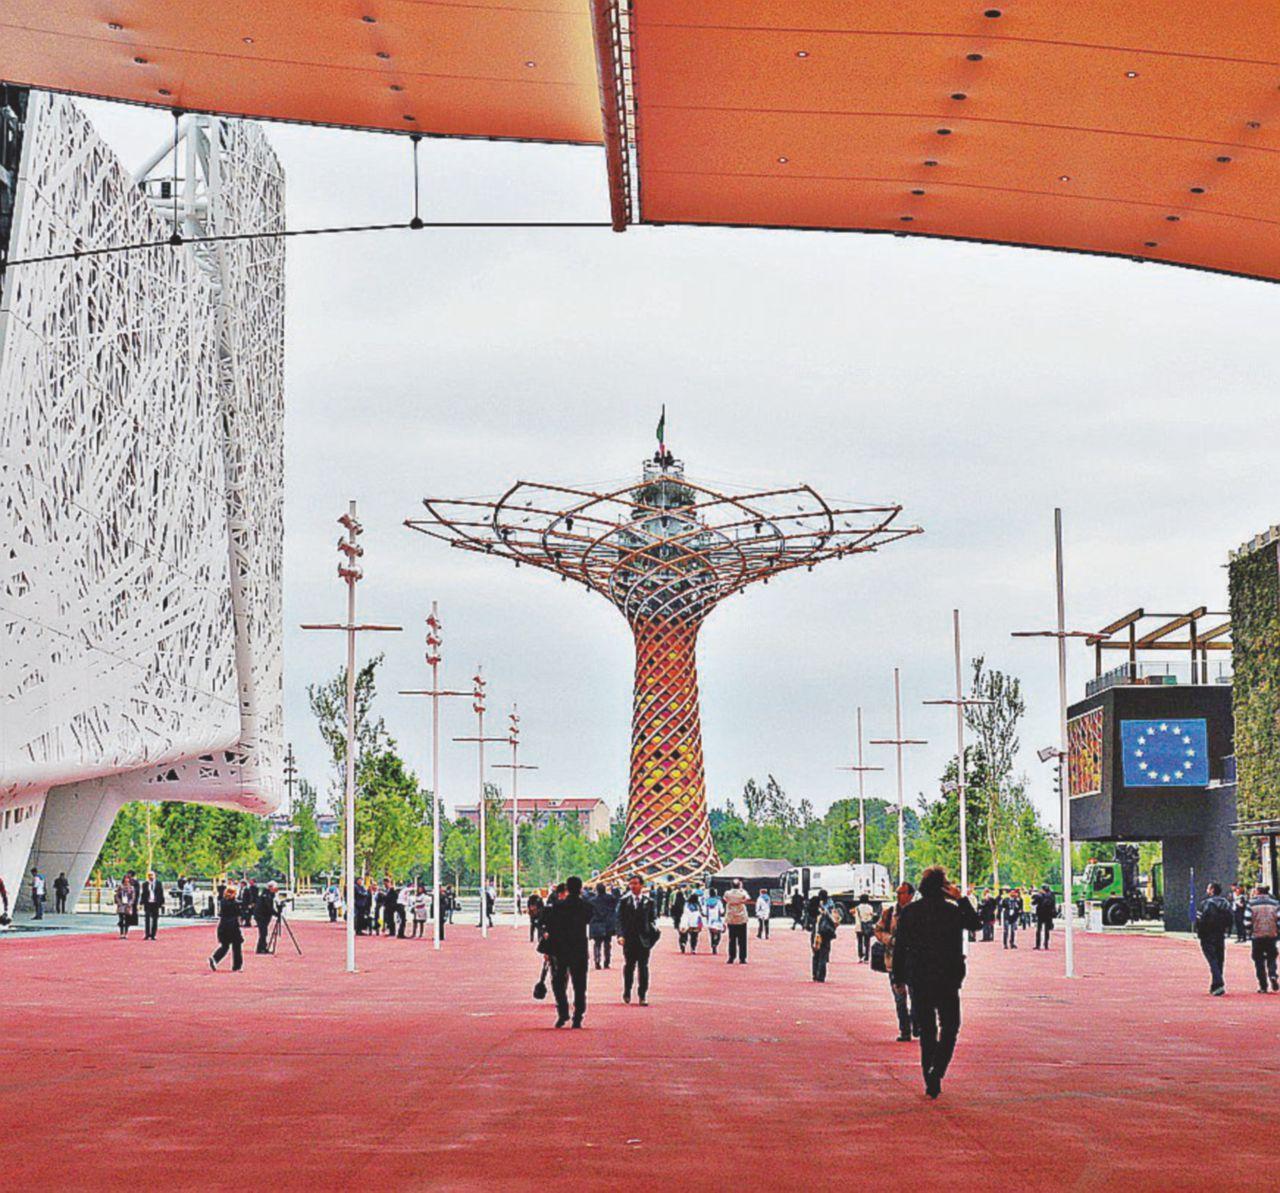 Expo, raddoppia l'inchiesta sull'appalto da 272 milioni